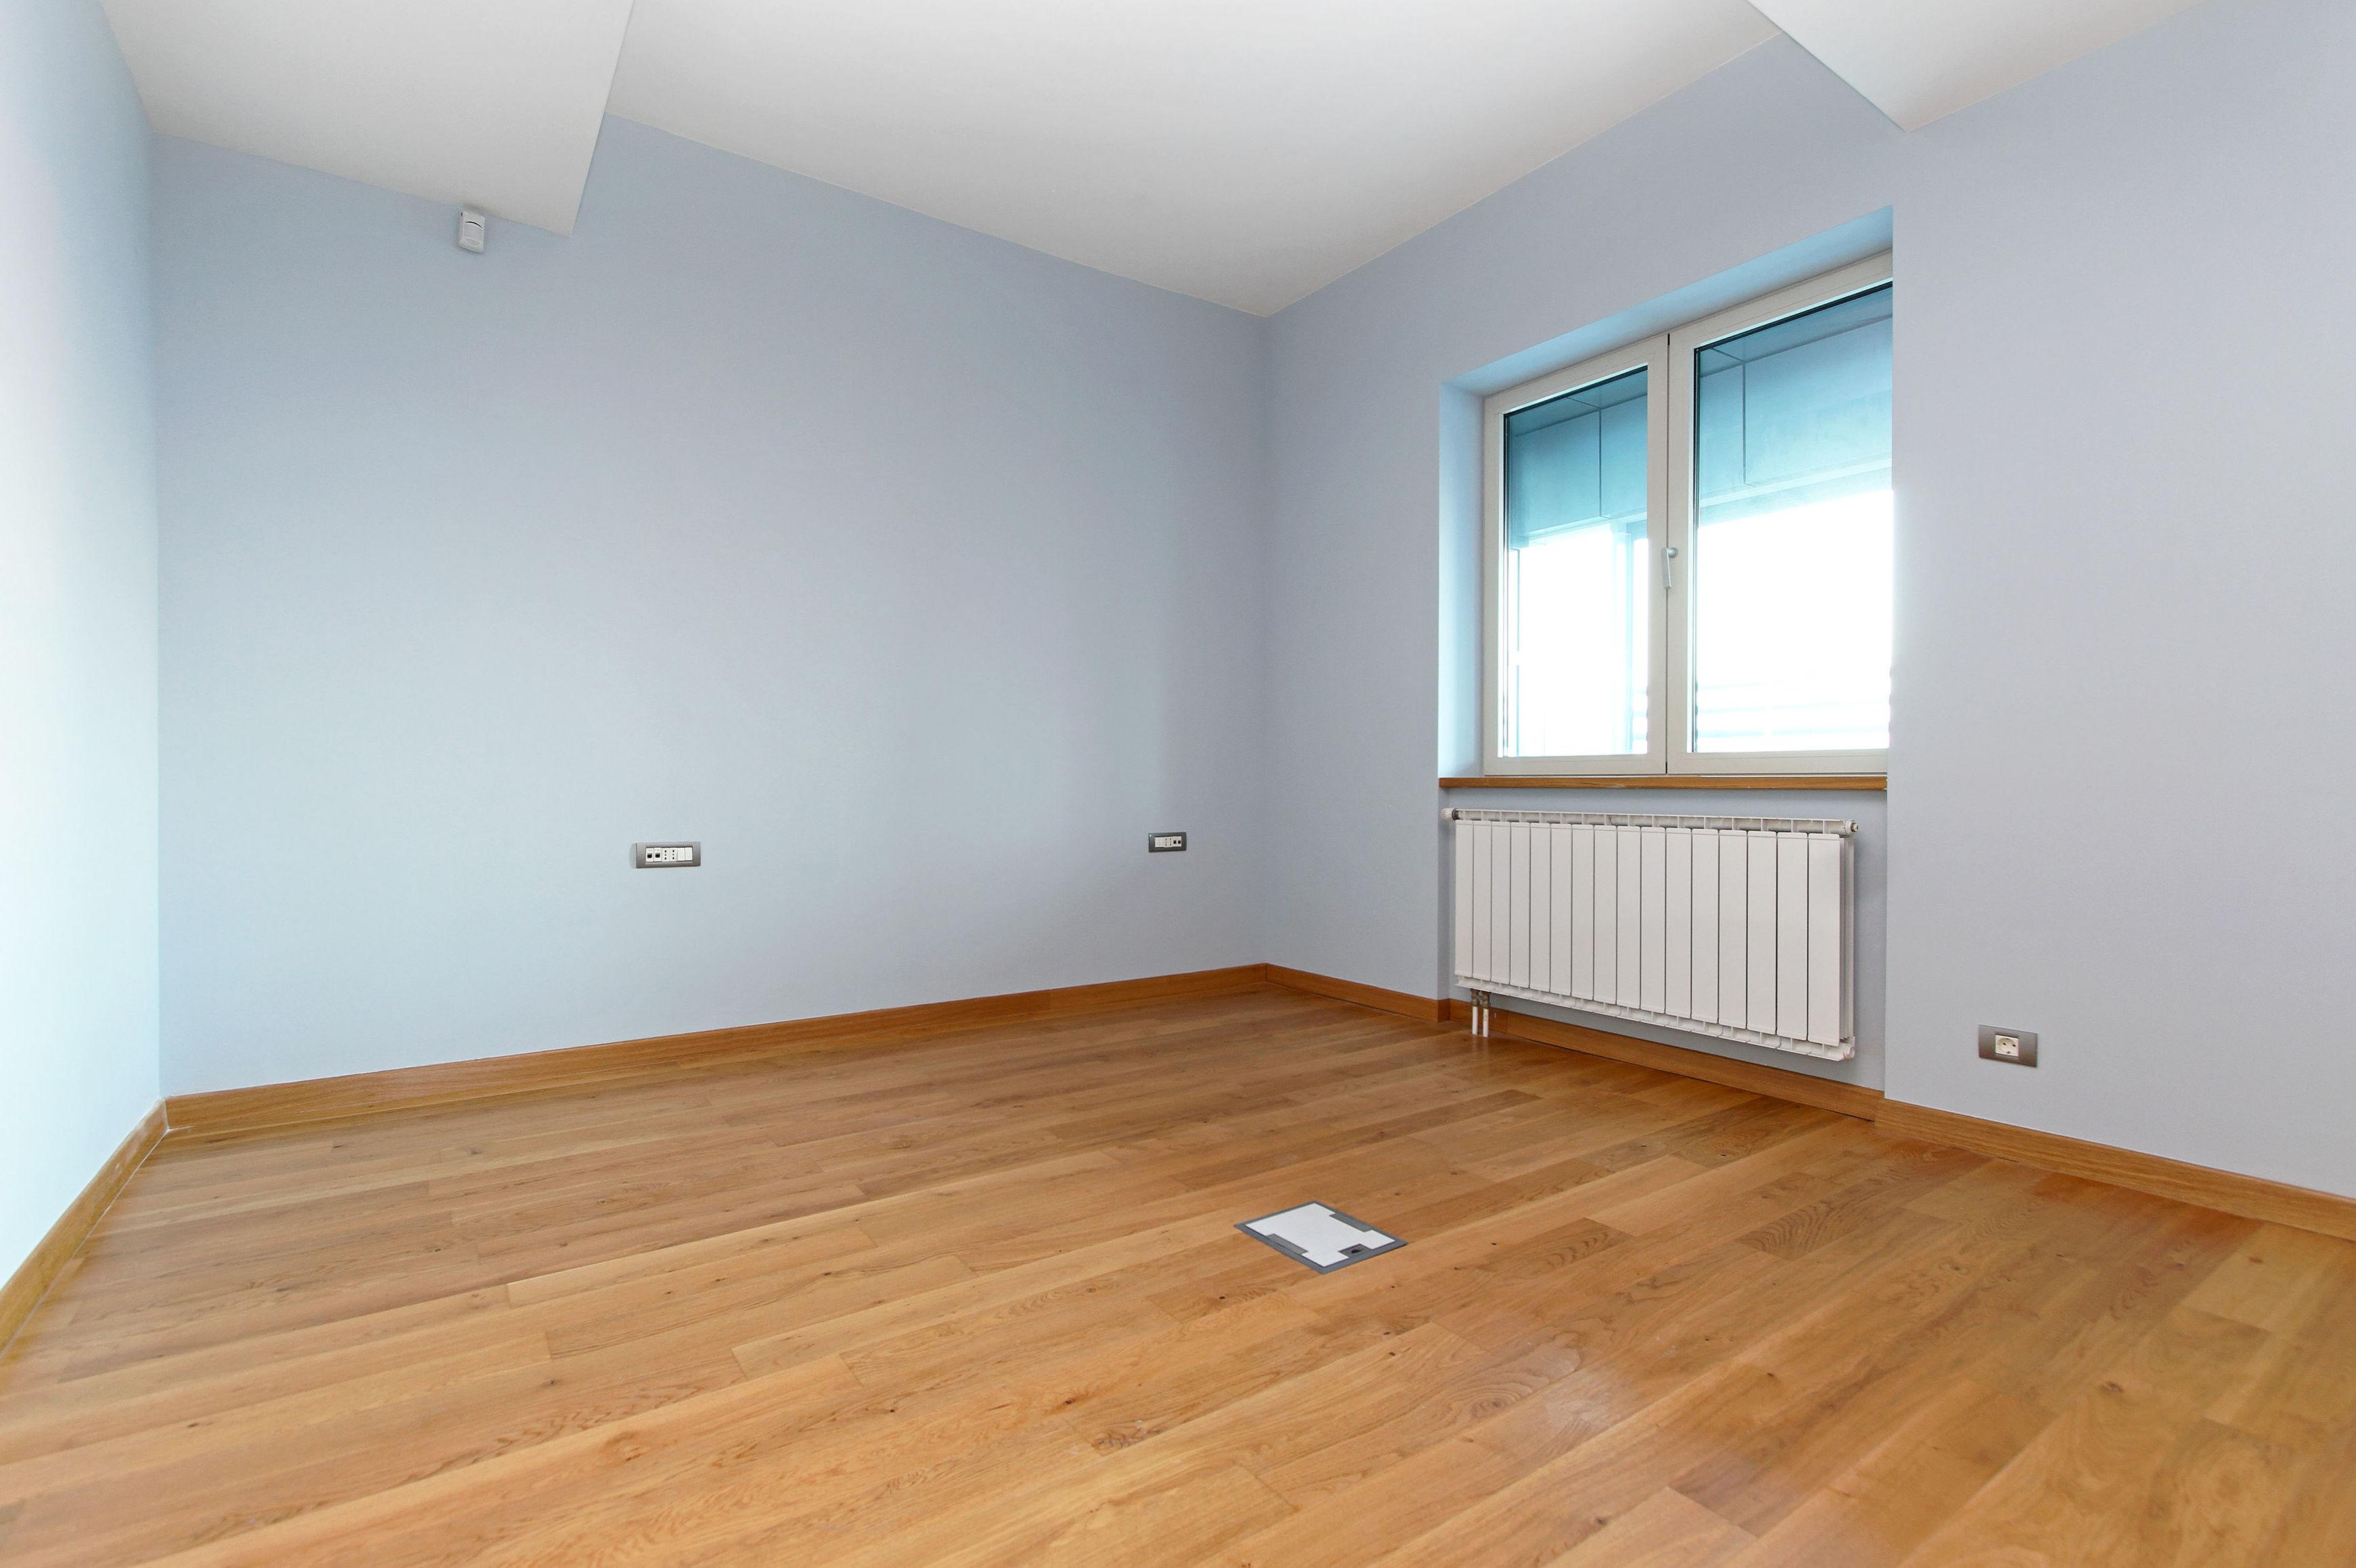 Reformas integrales de pisos en Lugo